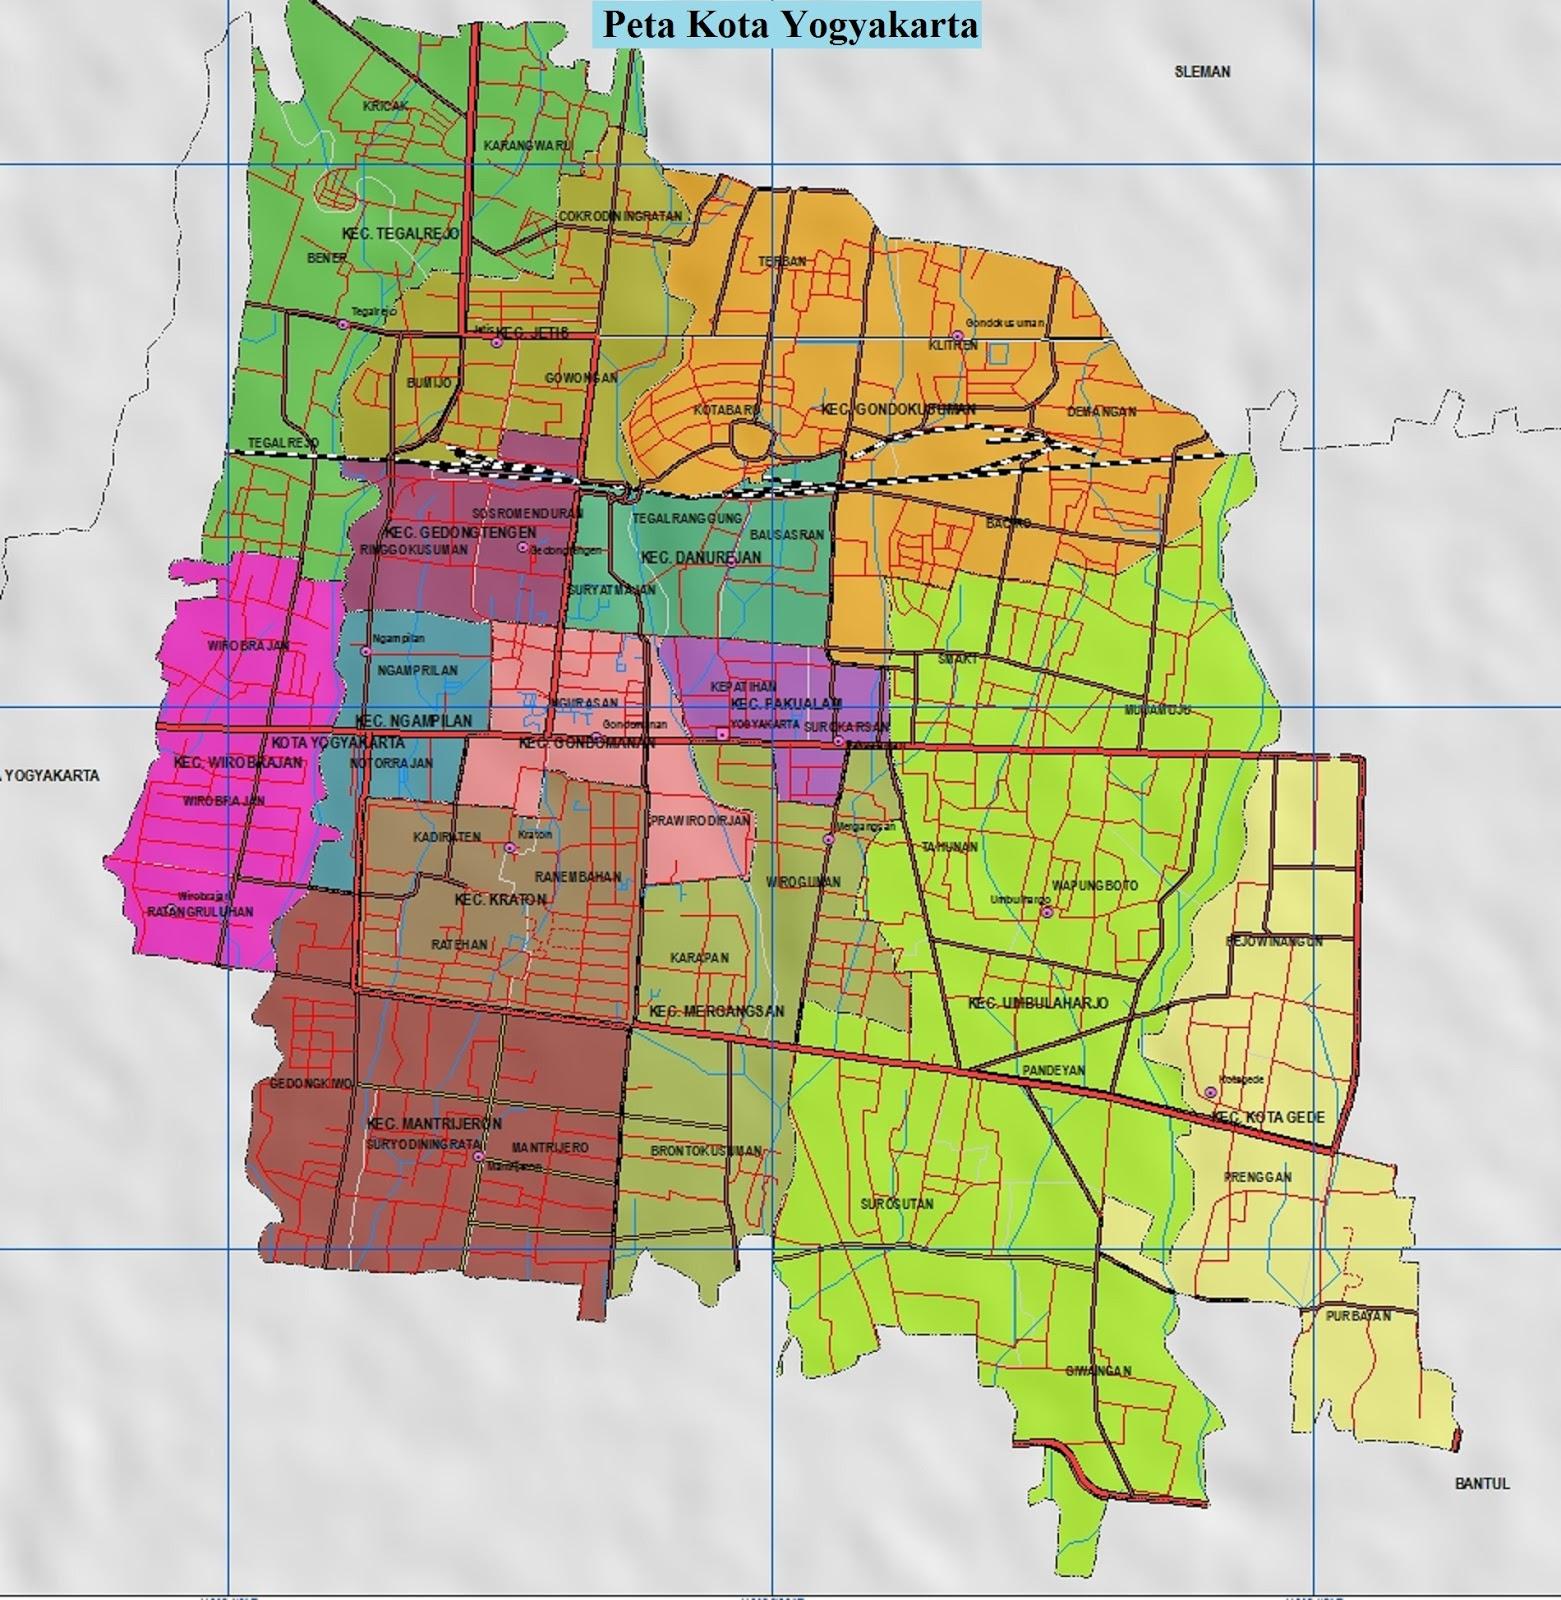 Peta Kota Yogyakarta Lengkap Gambar HD dan Keterangannya ...